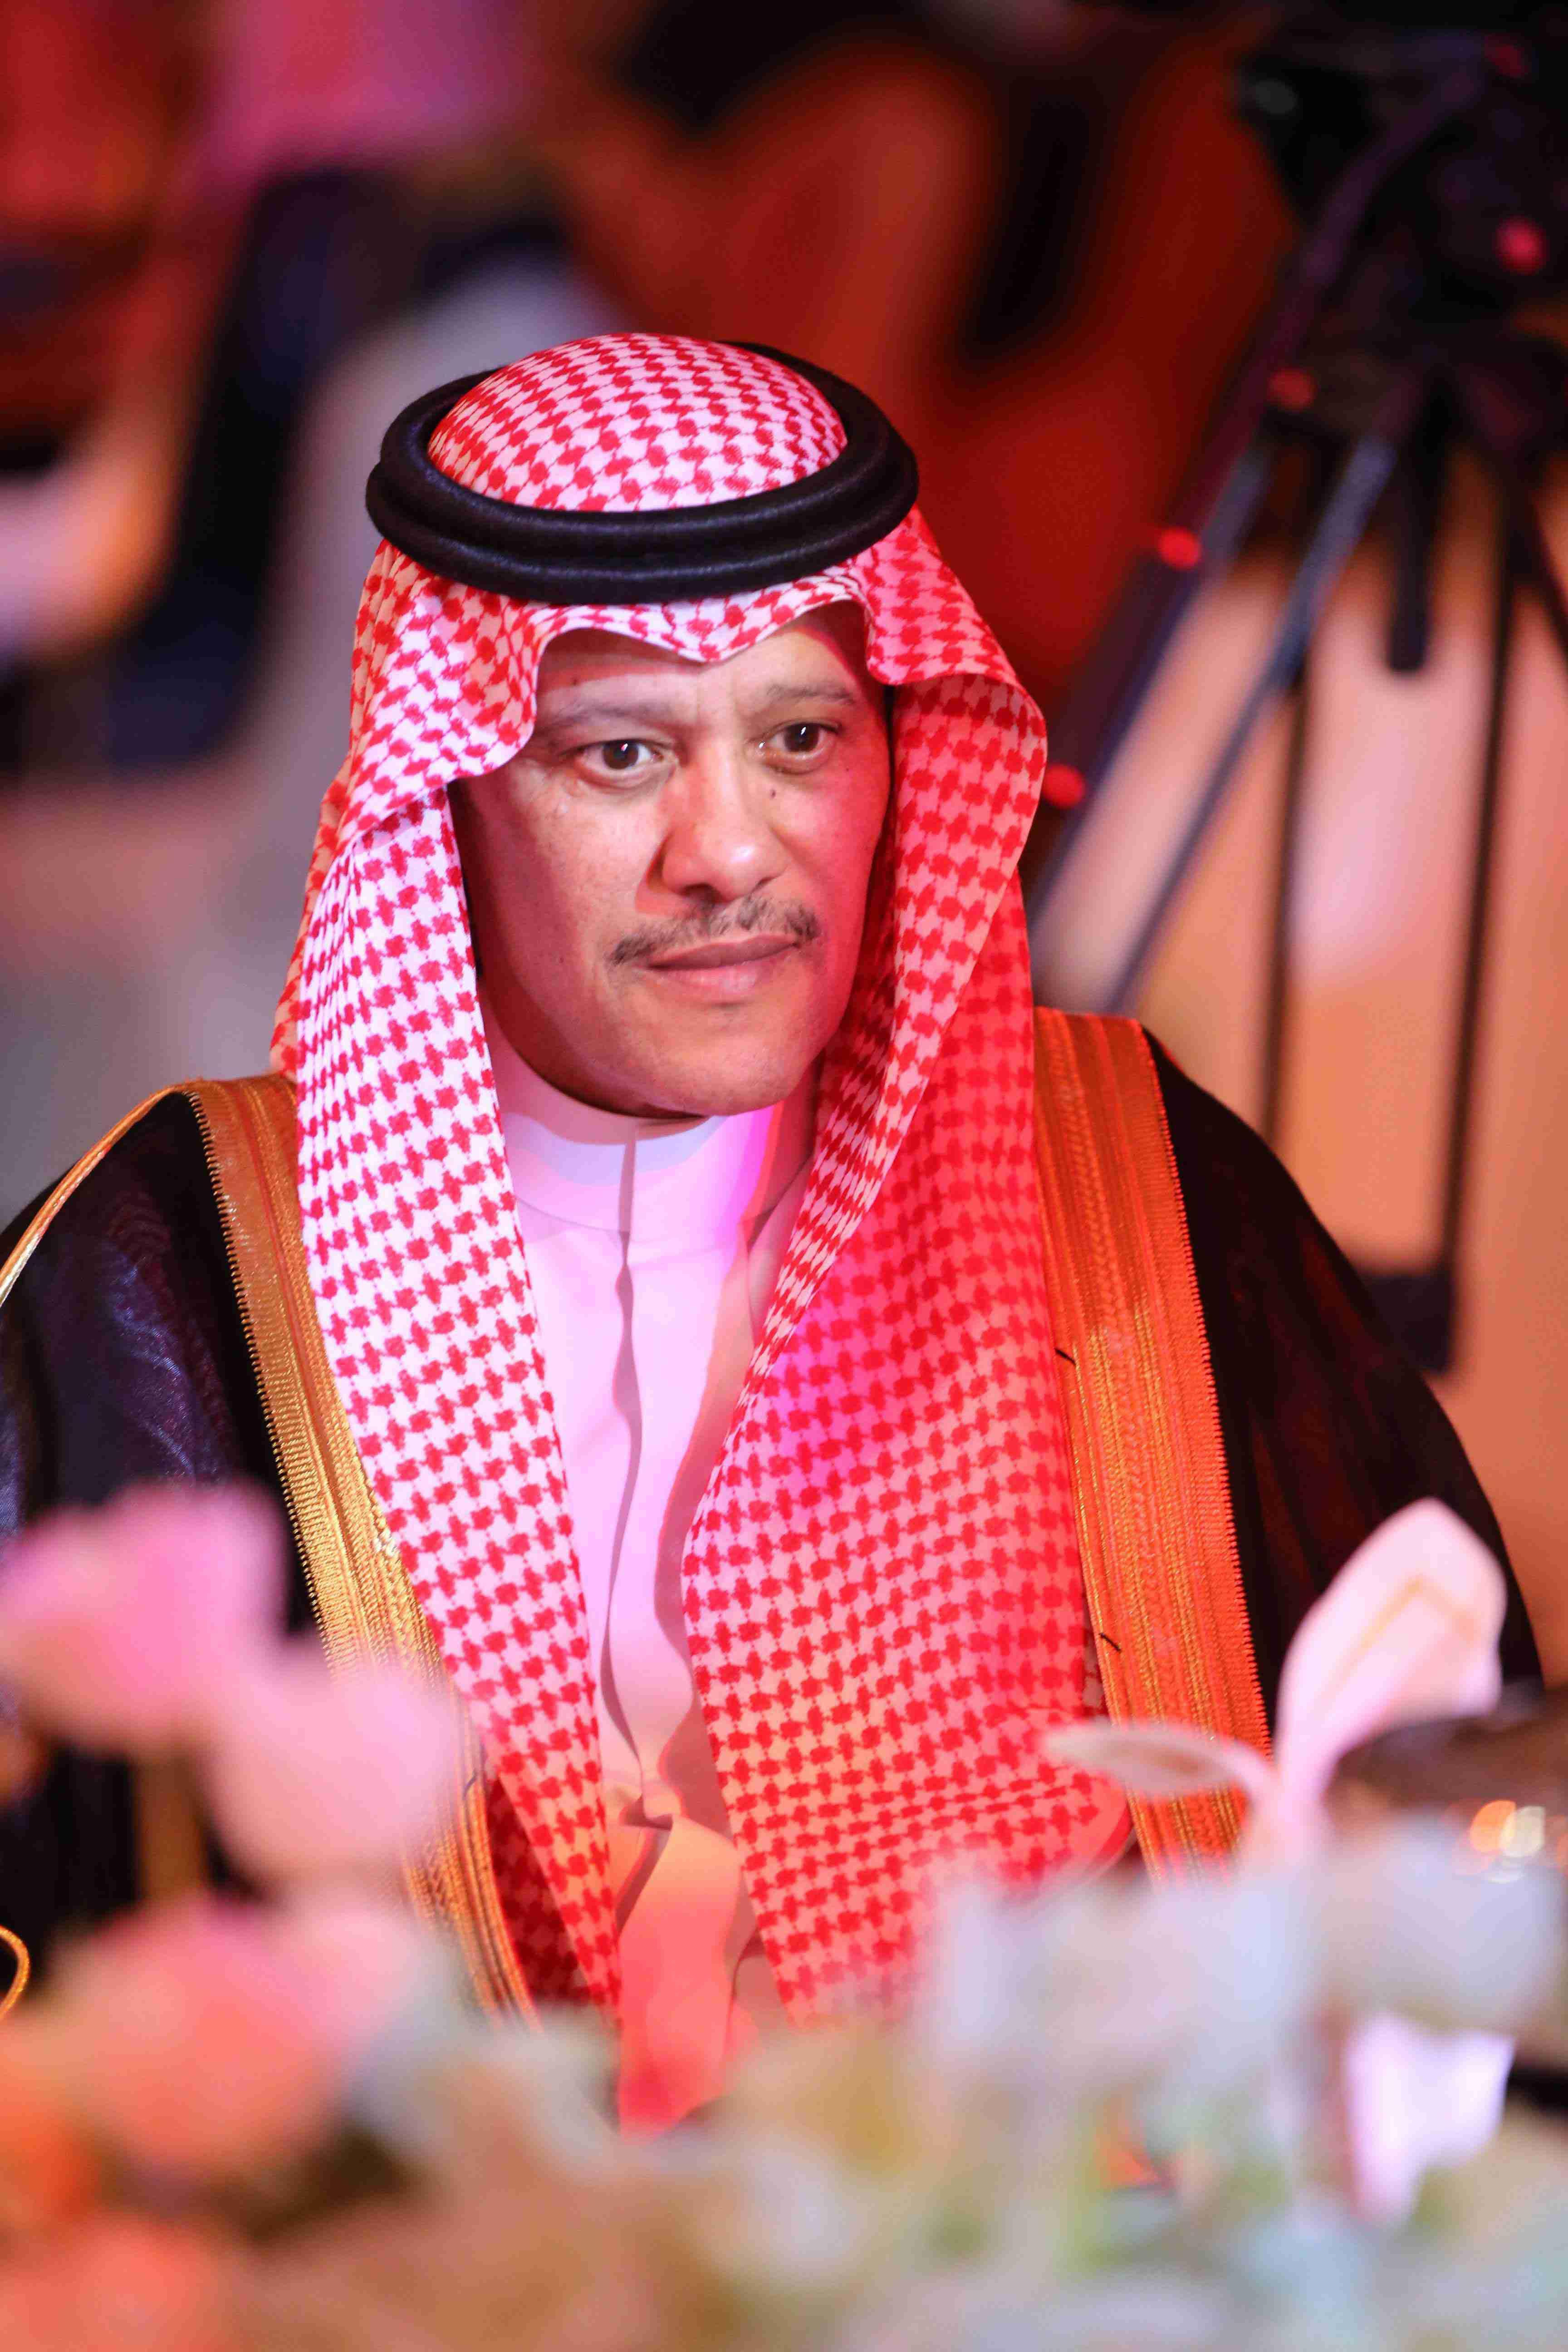 صاحب السمو الملكي الأمير/ نايف بن عبدالله بن سعود بن عبدالعزيز ال سعود